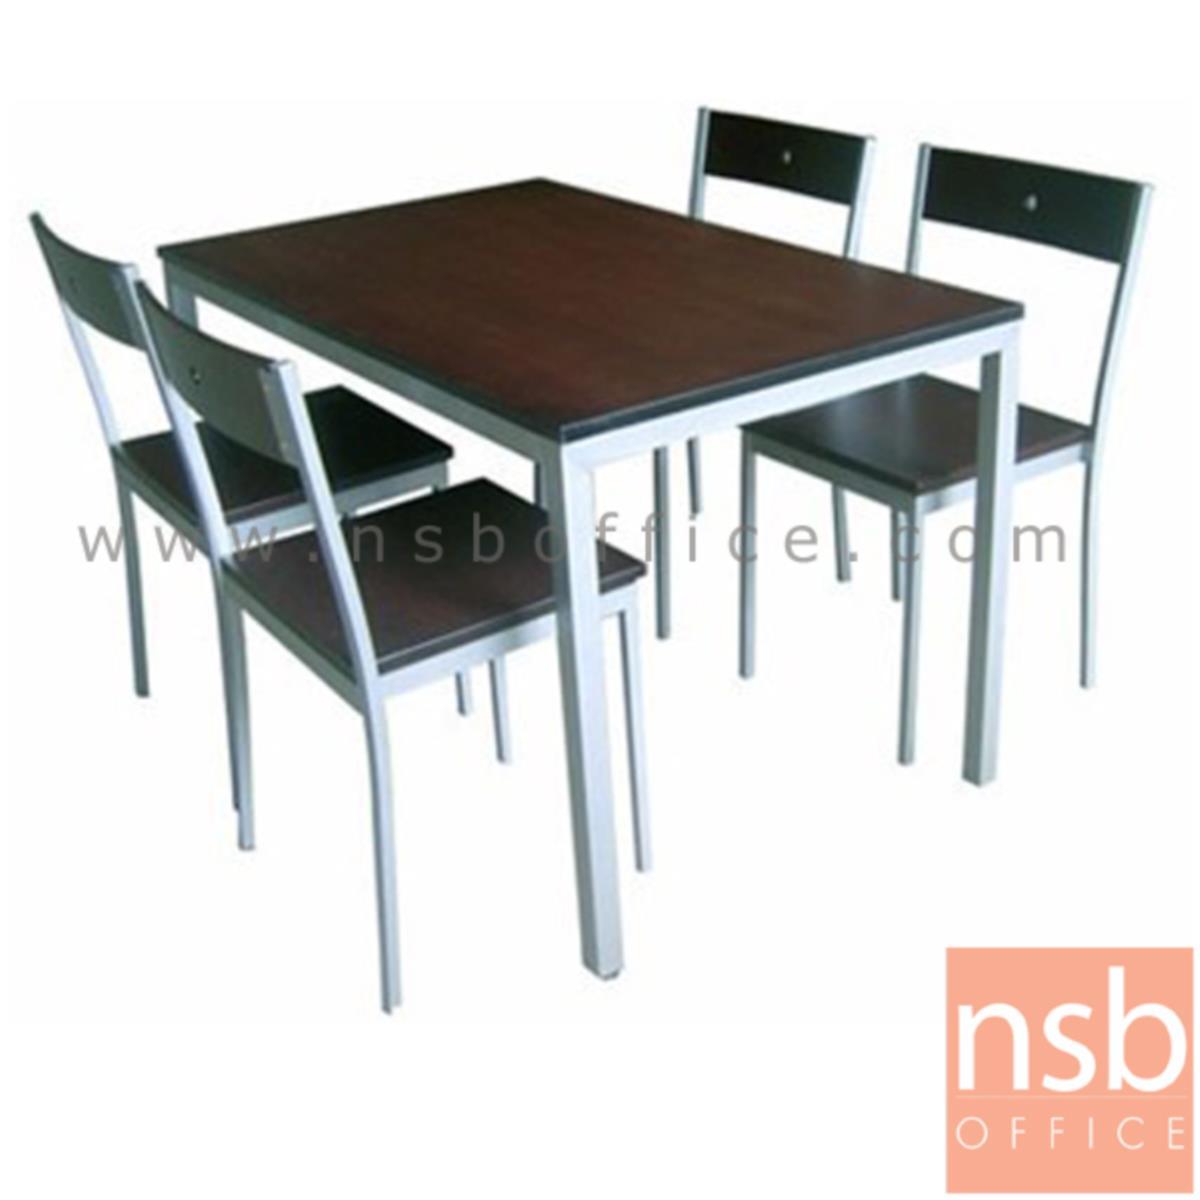 G14A114:ชุดโต๊ะรับประทานอาหารหน้าไม้ยางพารา 4 ที่นั่ง  ขนาด 120W cm. พร้อมเก้าอี้